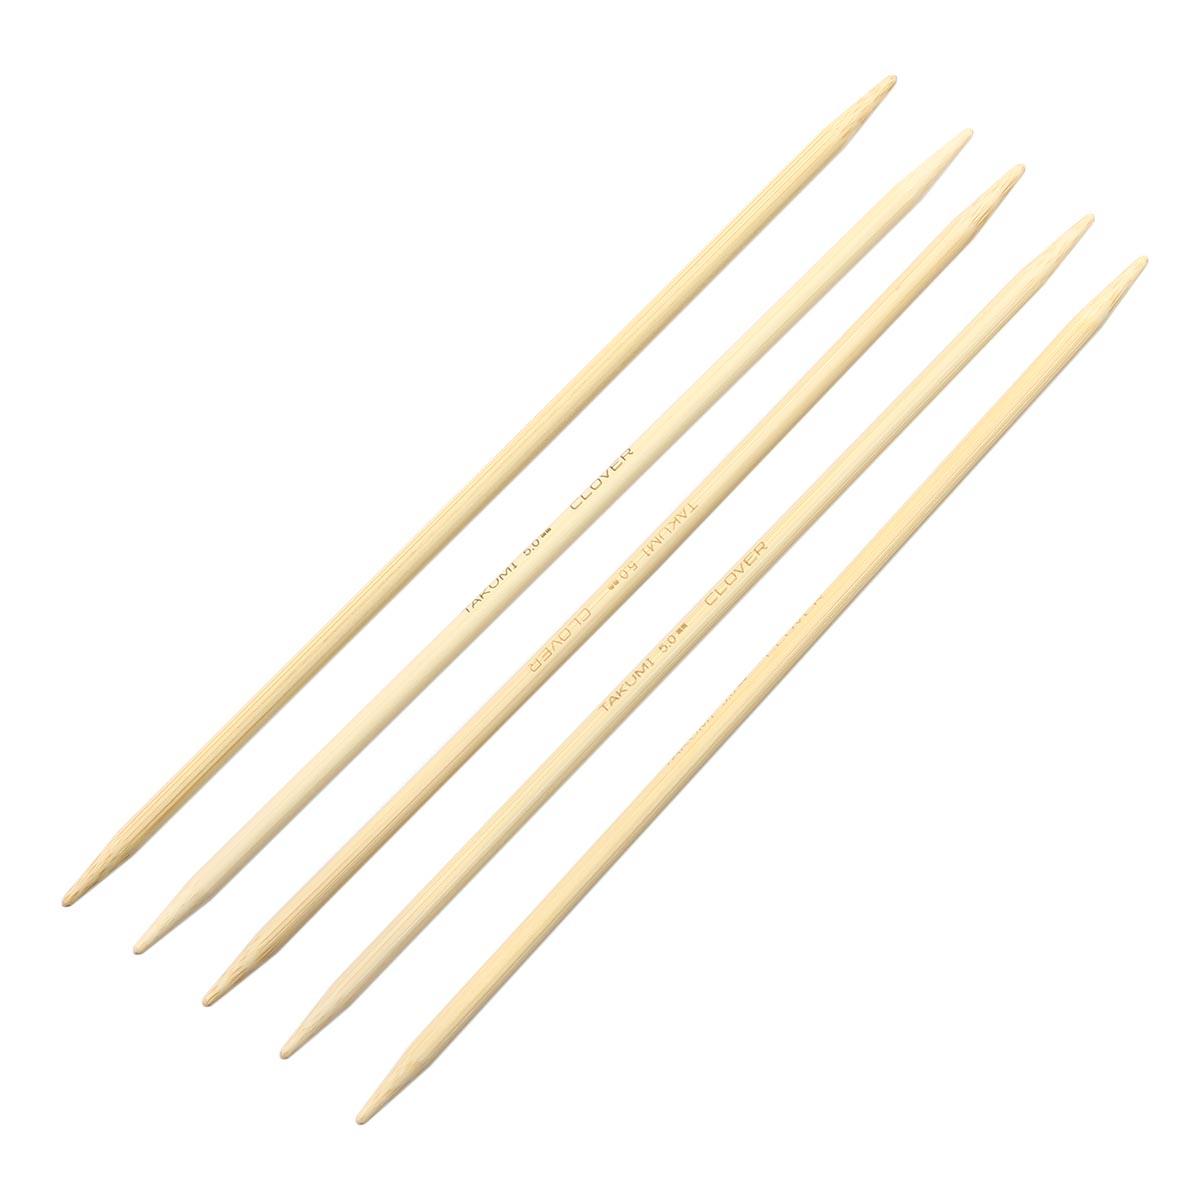 3015 Спицы носочные, бамбук, 5,0 мм*20 см, упак./5 шт., Clover